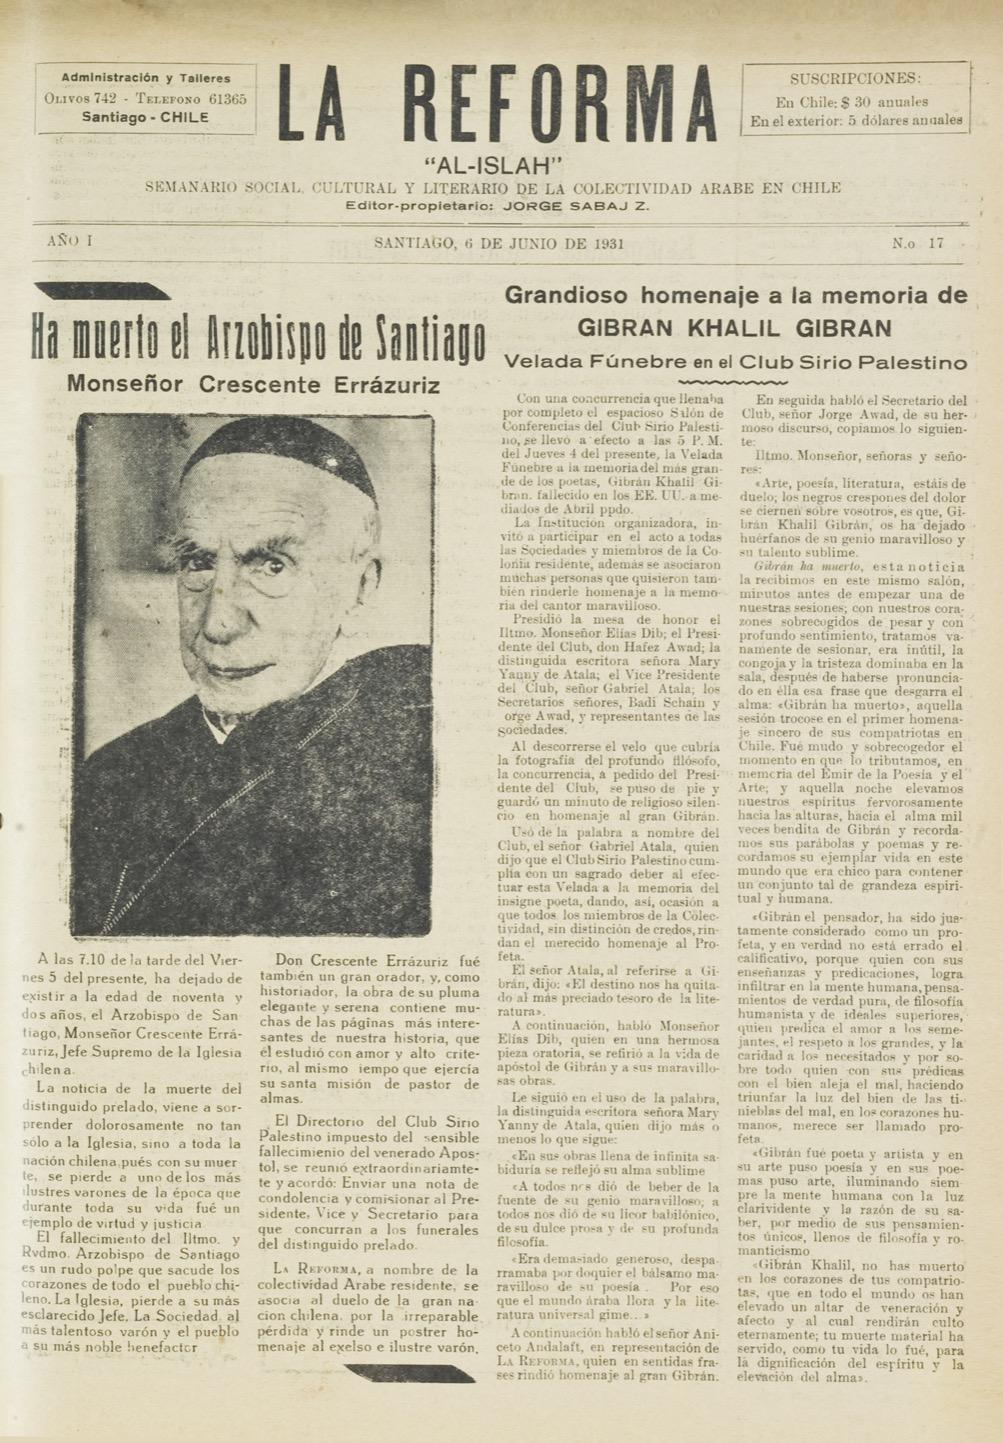 """""""Grandioso homenaje a la memoria de Gibran Khalil Gibran"""",La Reforma, Jun 6, 1931, p. 1."""